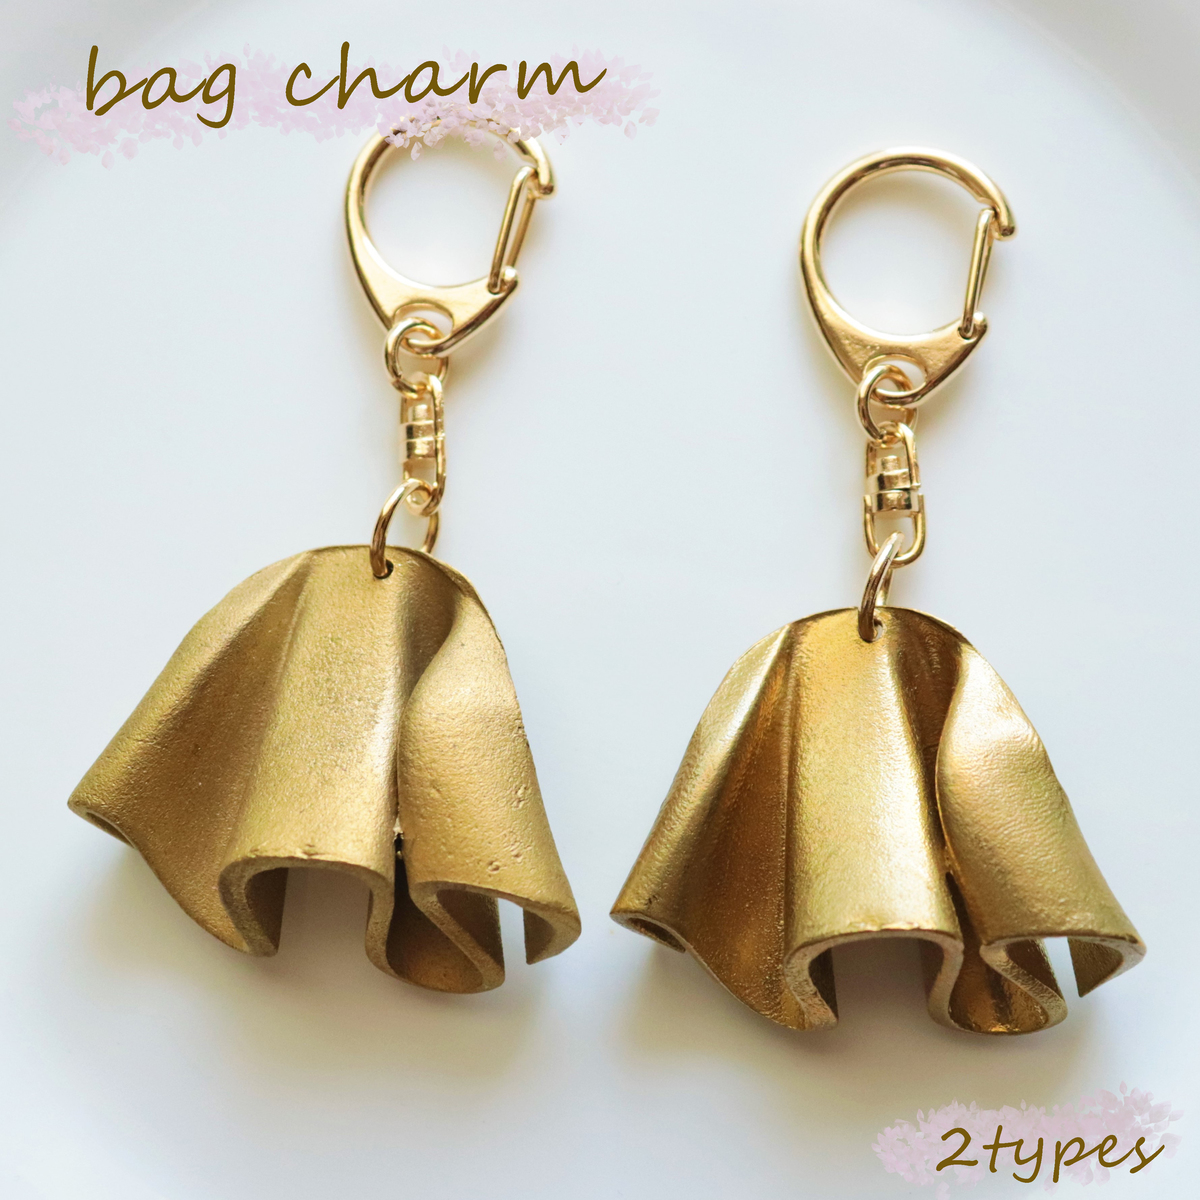 ひらひらと舞う布がモチーフの金属チャーム バックチャーム バッグチャーム アクセサリー キーホルダー キーリング ひらひら メーカー再生品 かわいい 格安激安 おしゃれ 大人 ひらみチャーム 真鍮